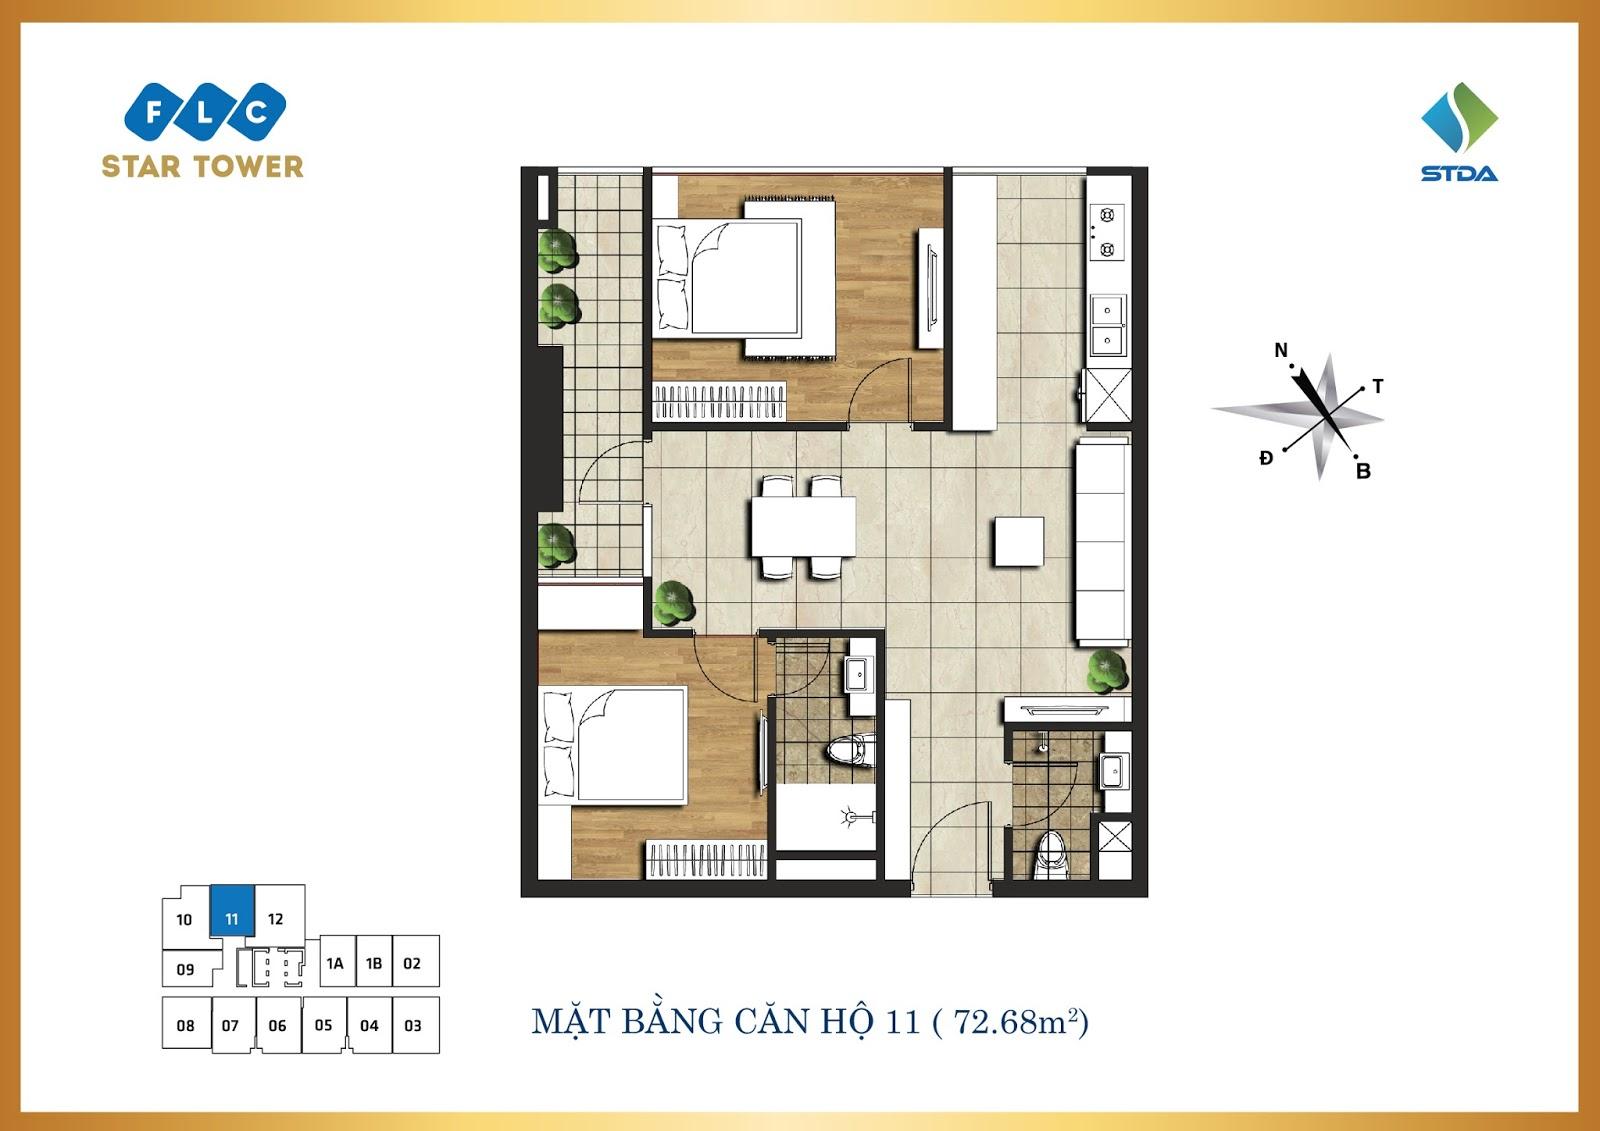 Thiết kế căn hộ số 11 - Chung cư FLC Star Tower